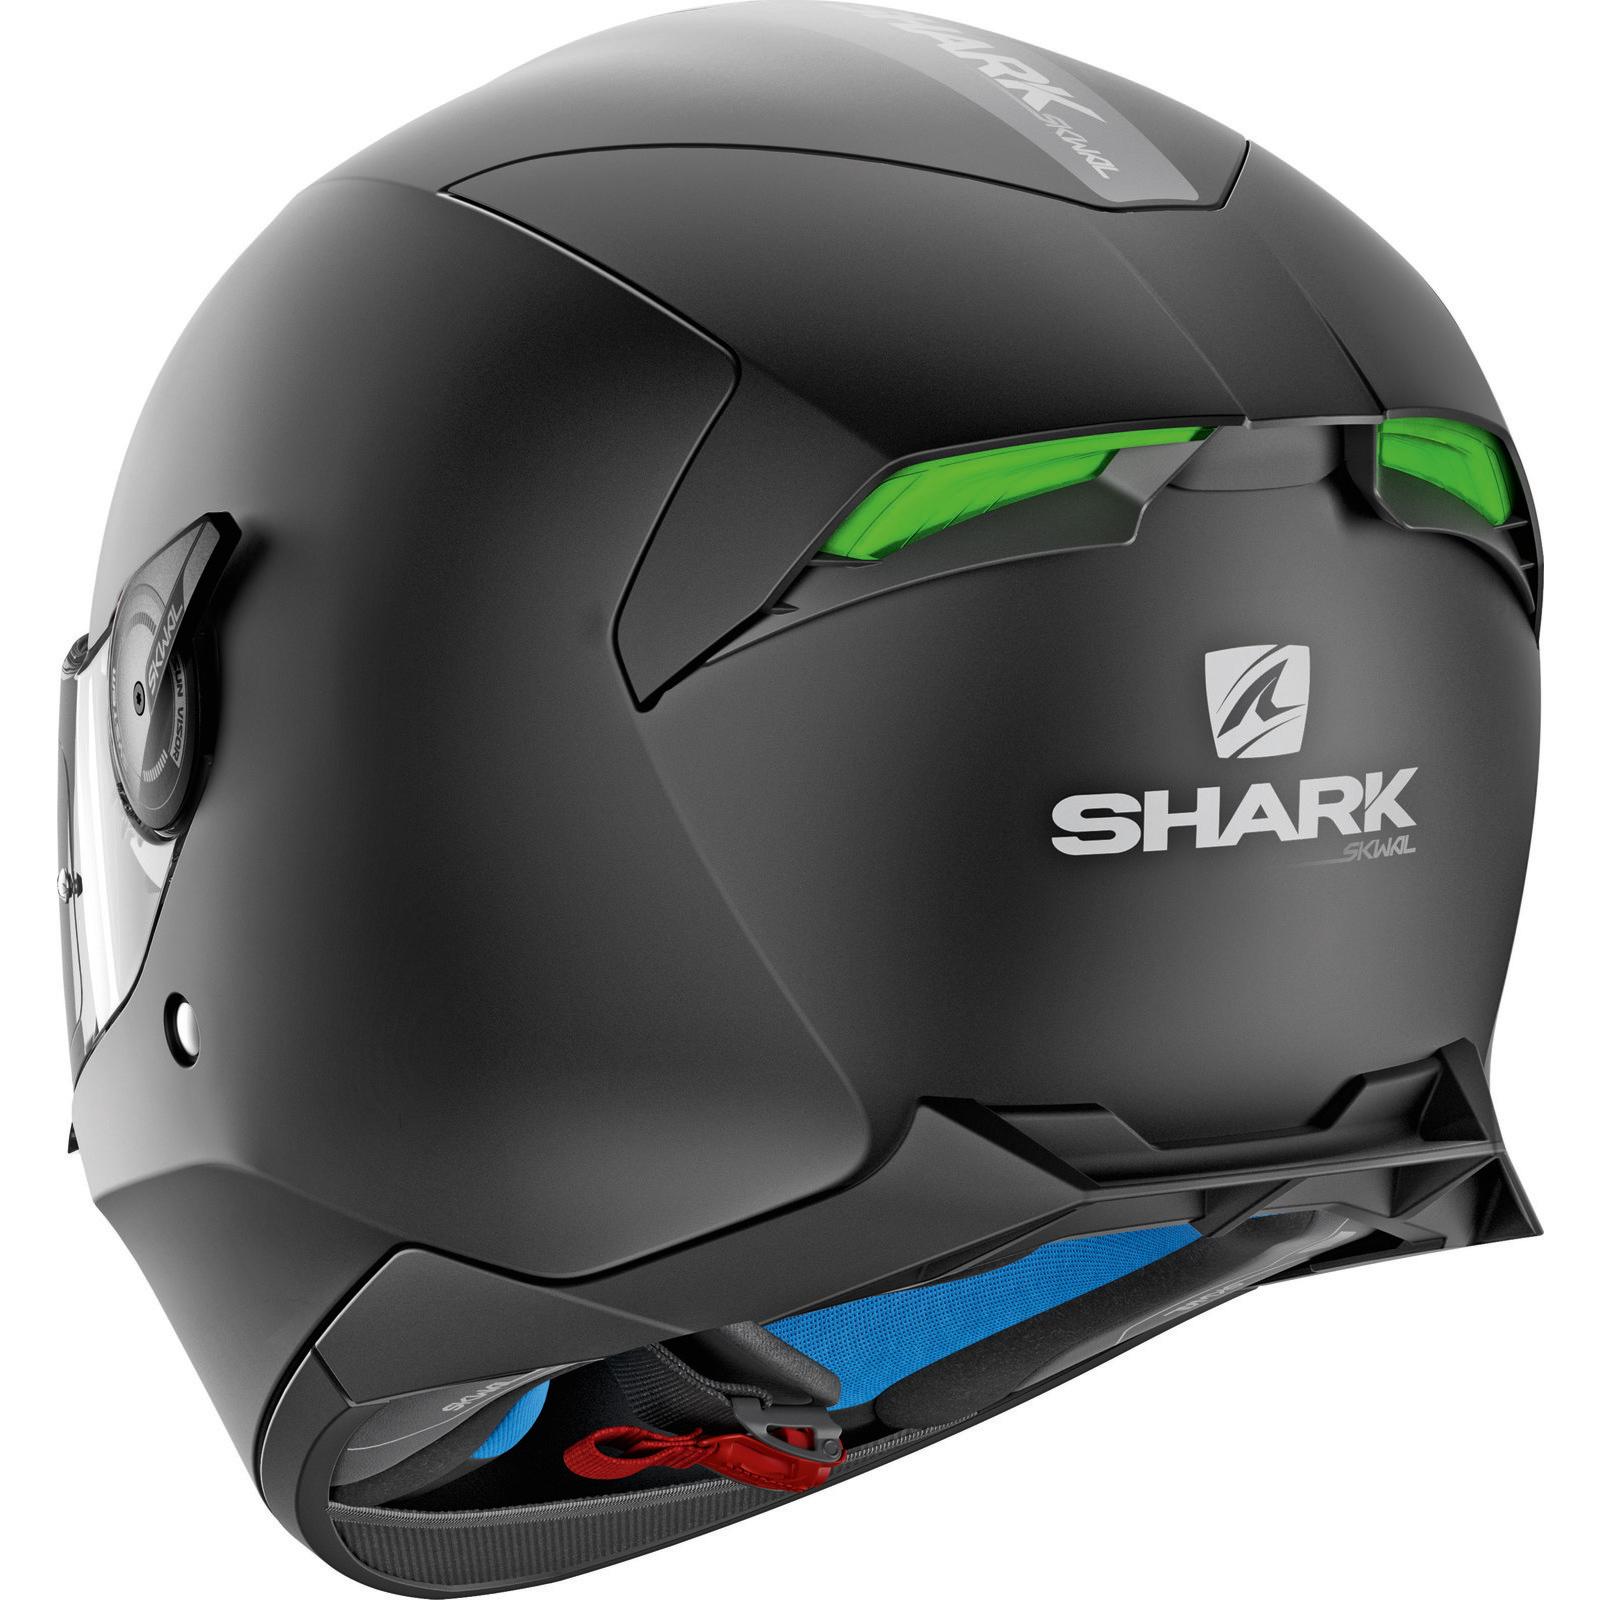 43c5881e Shark Skwal 2 Blank Solid Matt Black Motorcycle Helmet KMA Full Face ...